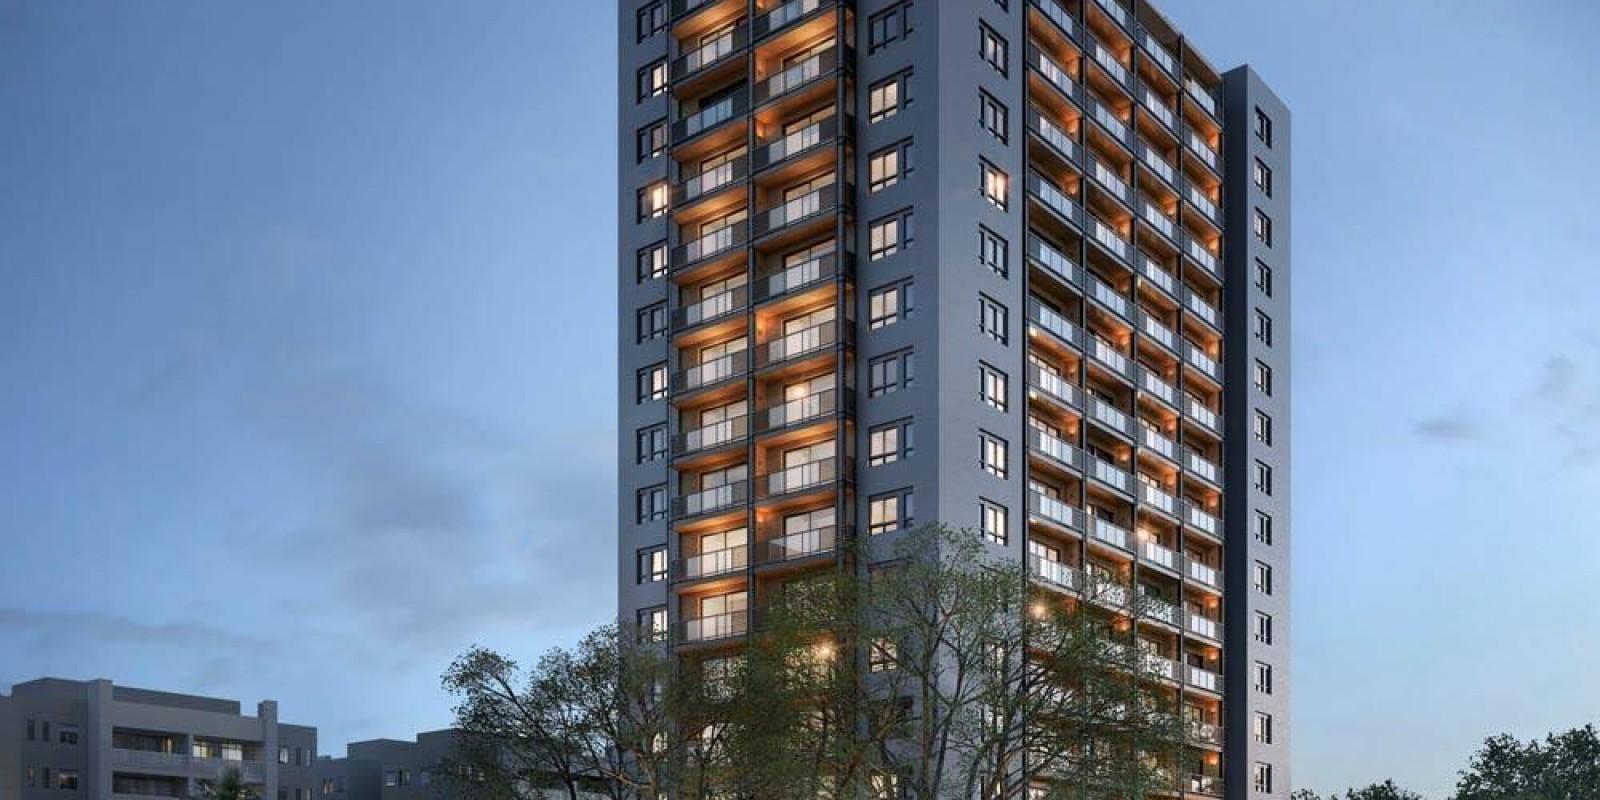 TPS Imóveis apresenta Apartamento A Venda 1 Dormitórios Em Porto Alegre! Excelente imóvel a venda em Porto Alegre